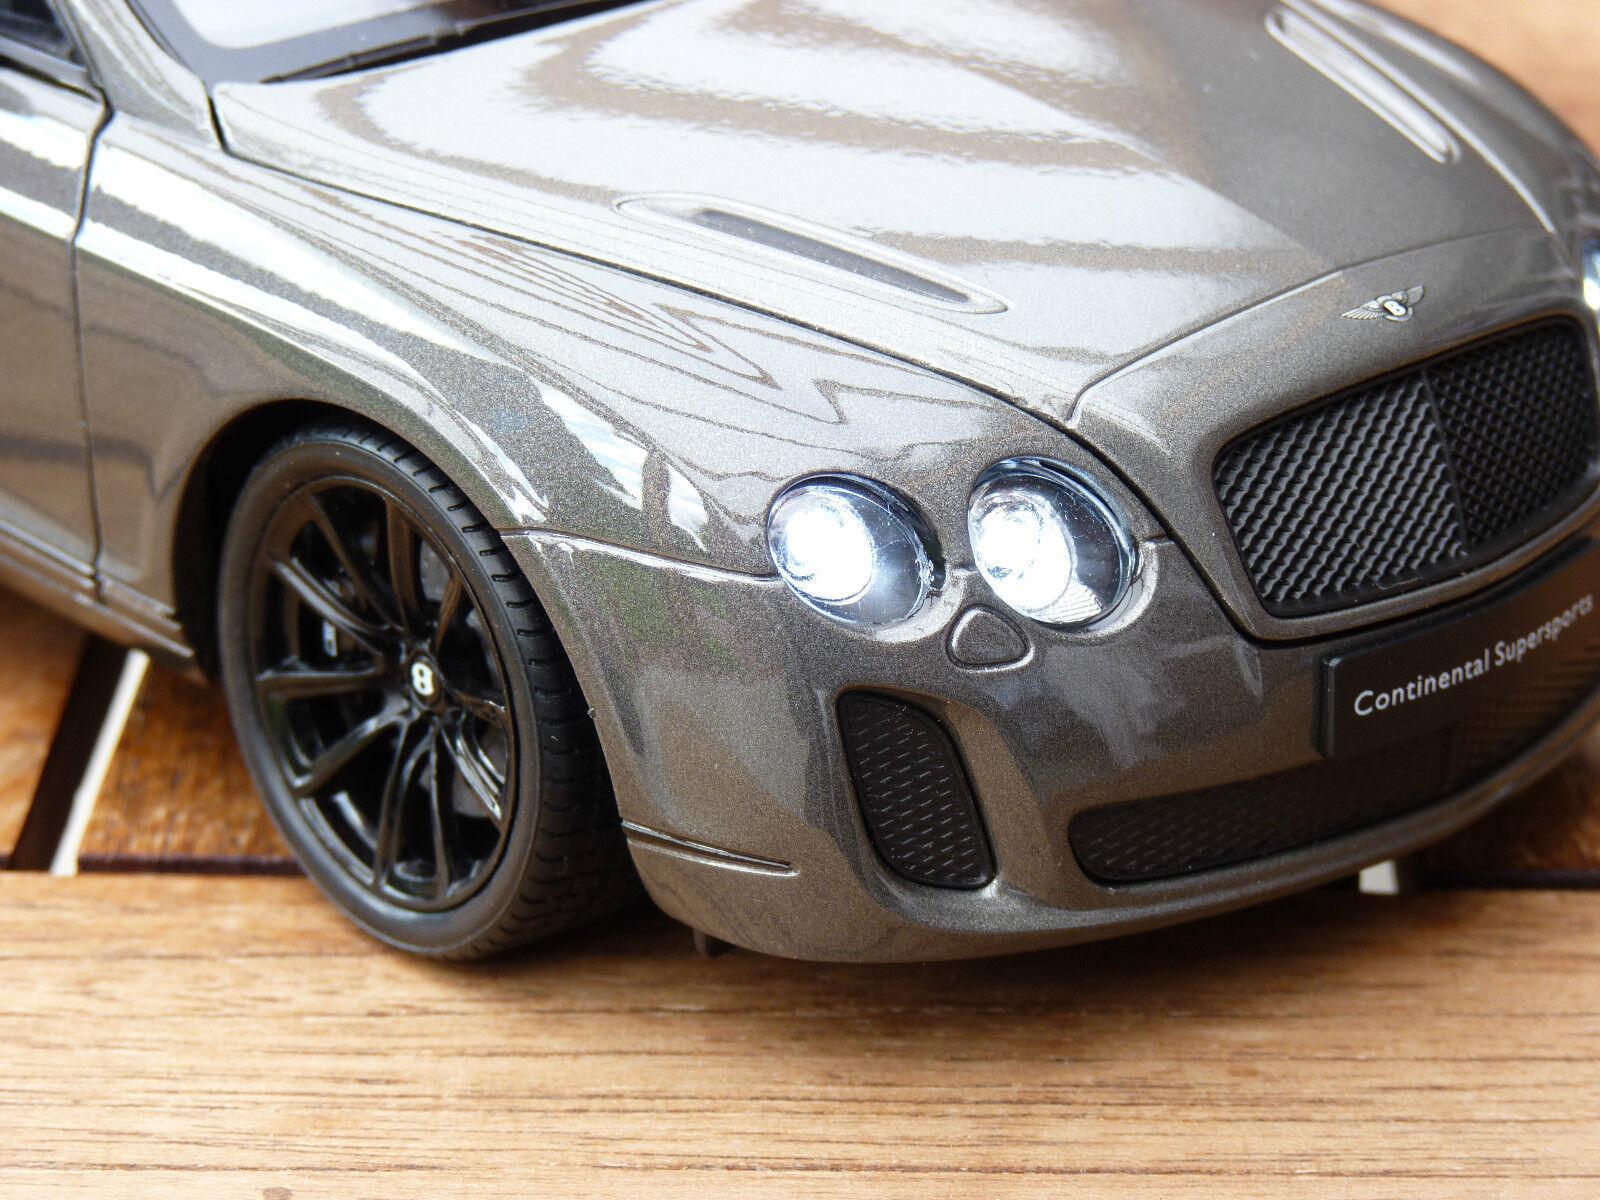 Bentley Continental Super puertos con iluminación LED (Xenon) en 1 18 gris Tuning